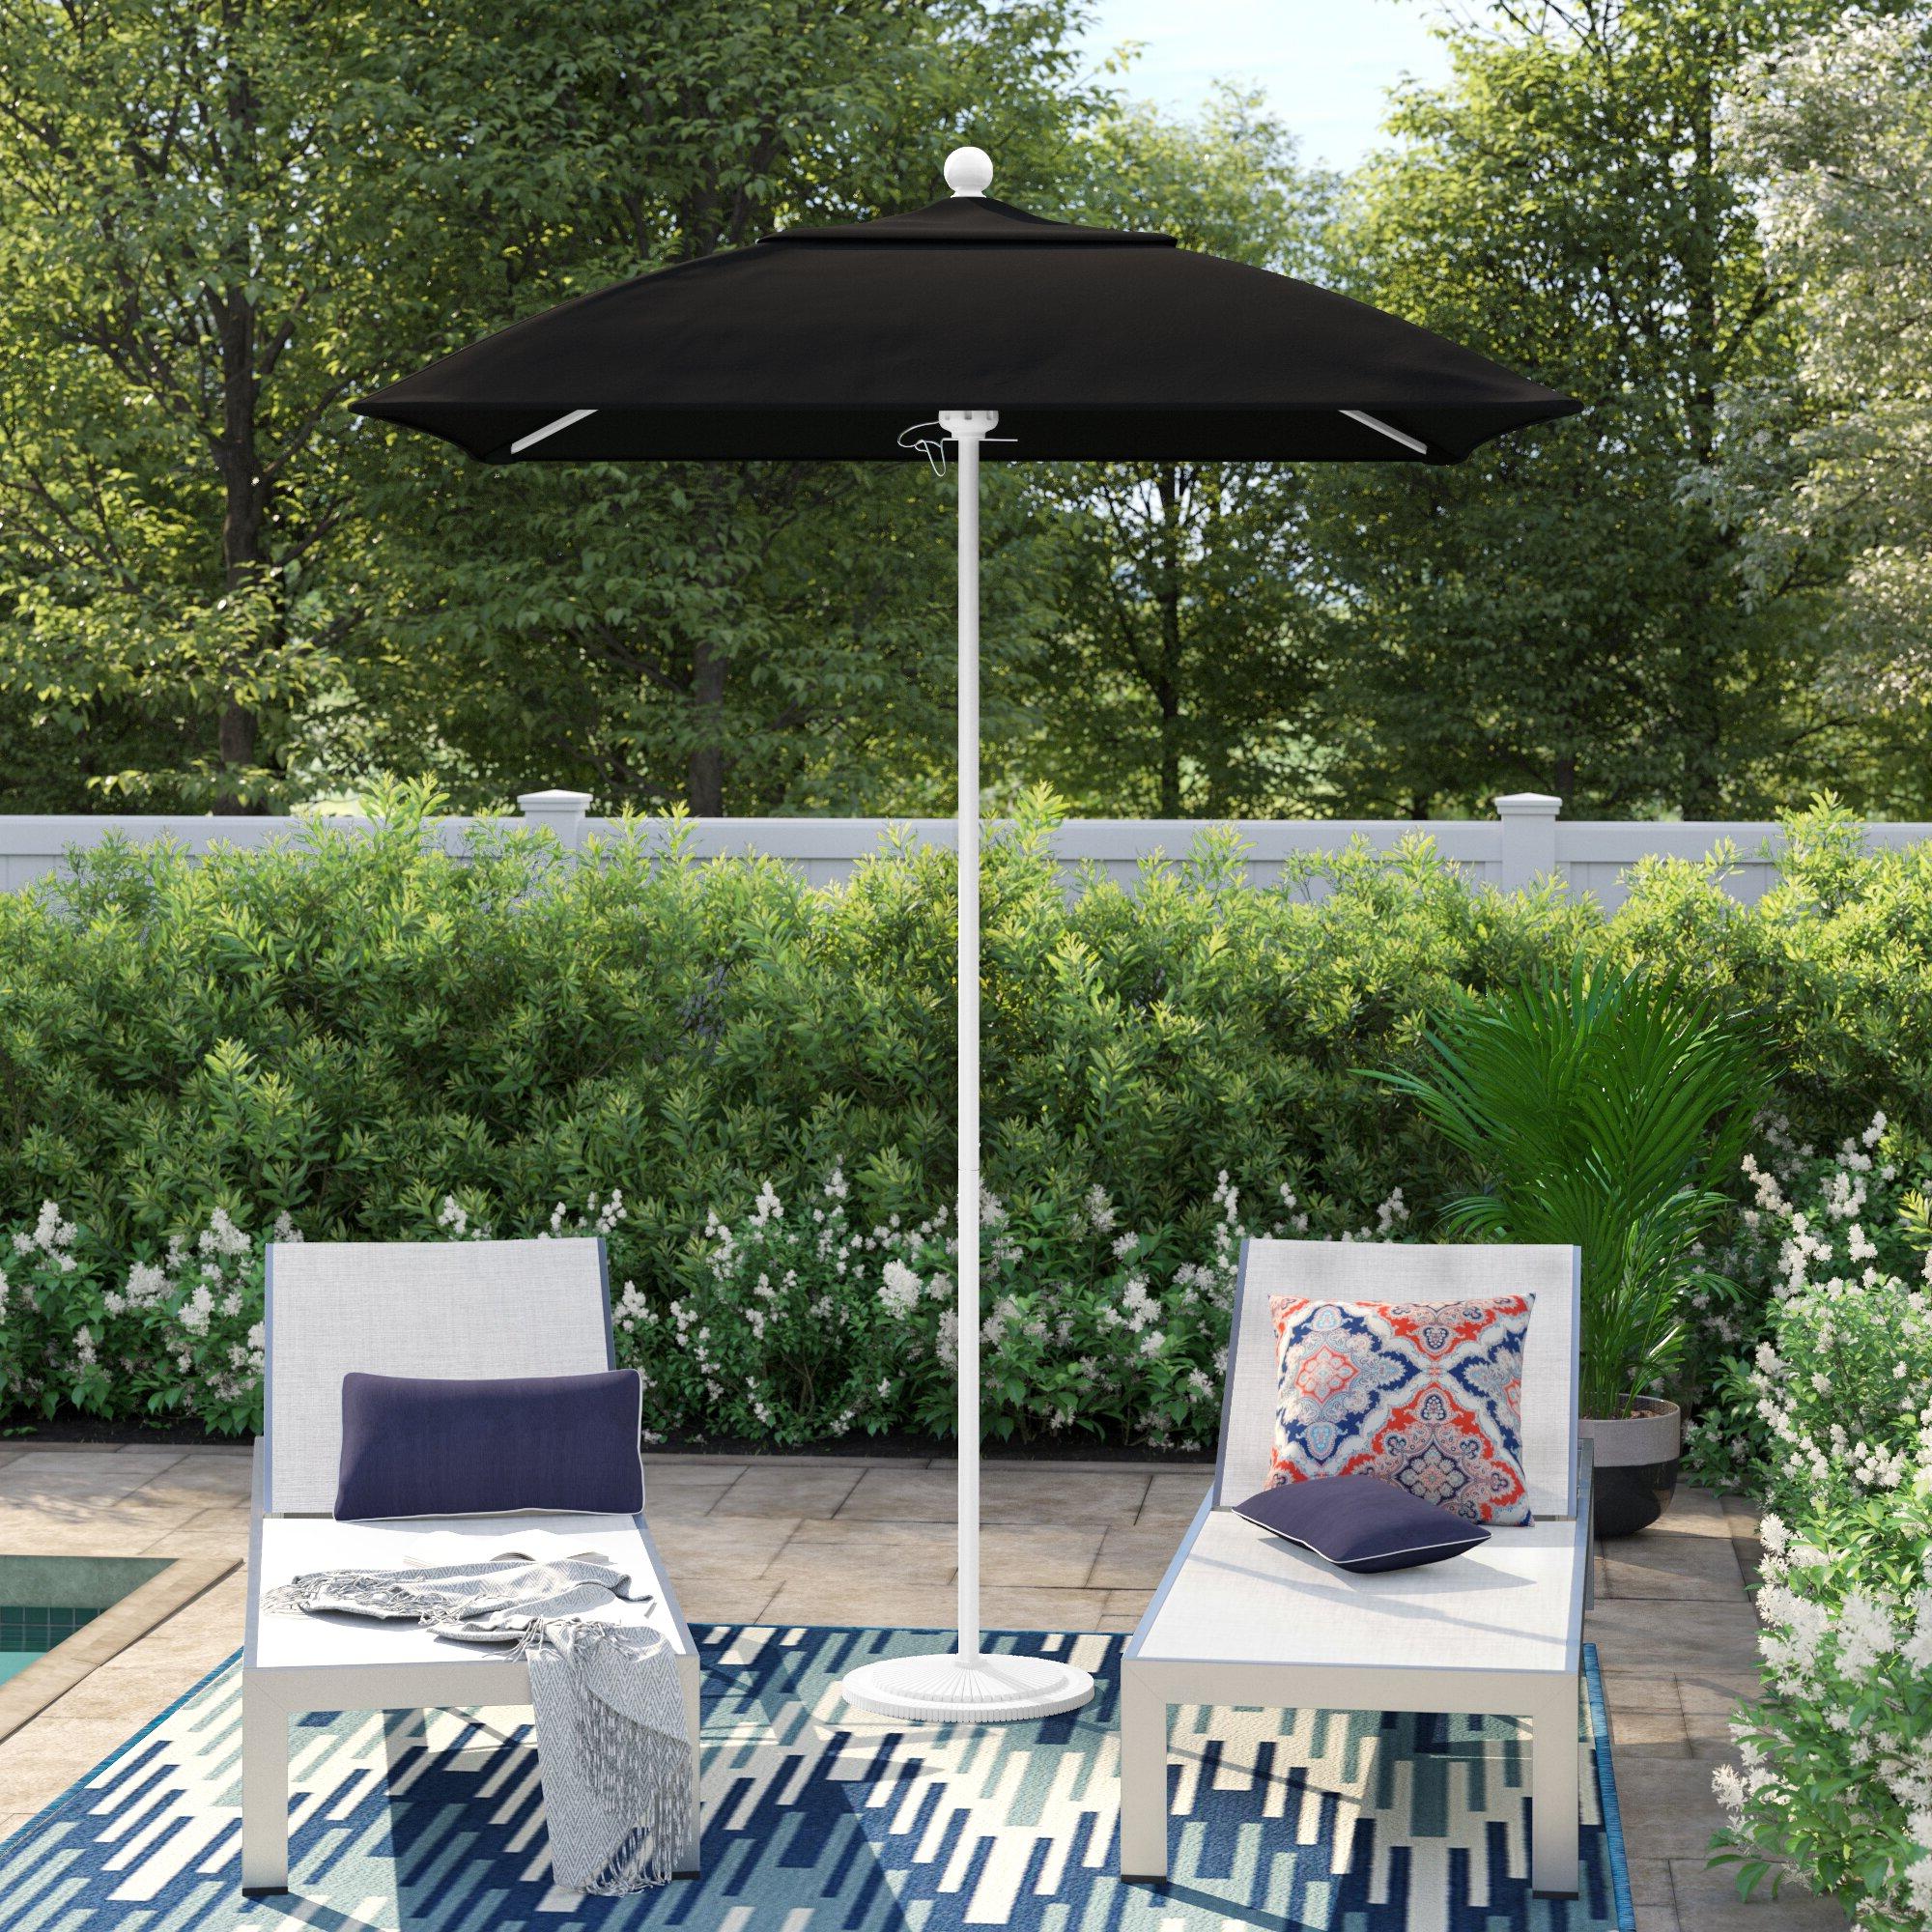 Caravelle 6' Square Market Sunbrella Umbrella With Regard To Newest Caravelle Square Market Sunbrella Umbrellas (View 2 of 20)